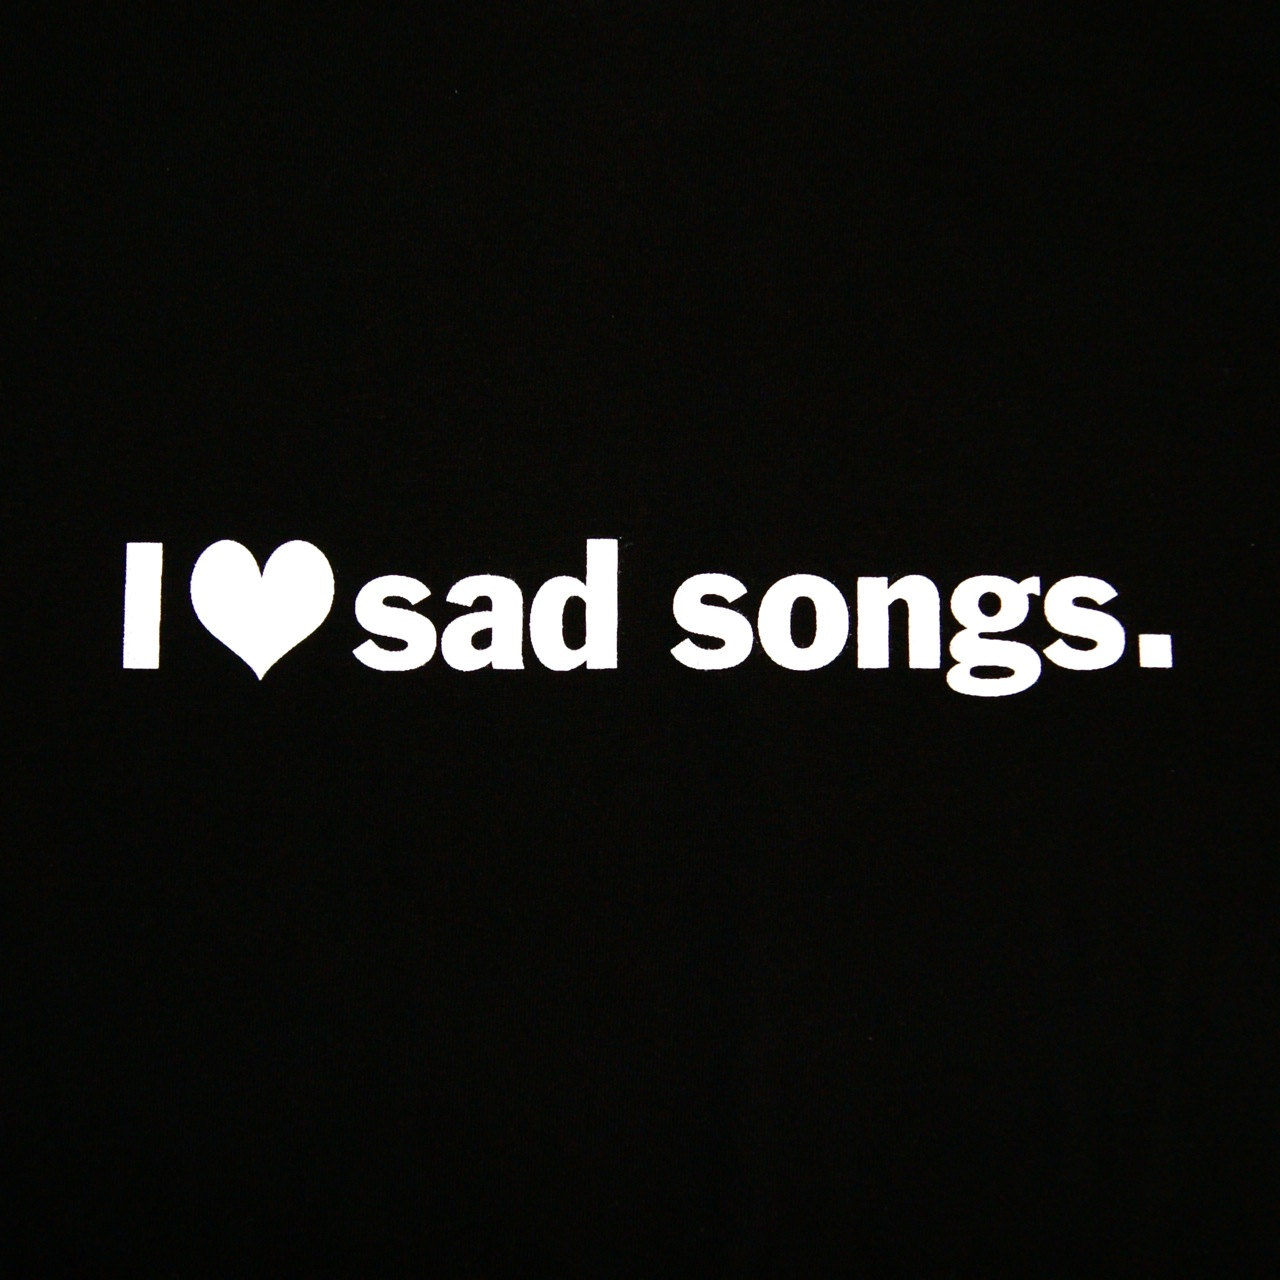 اجمل كلمات حزينة تعبر عن الحزن بالصور - صور وتعبرات حزينة ... Sad Songs About Love By Women